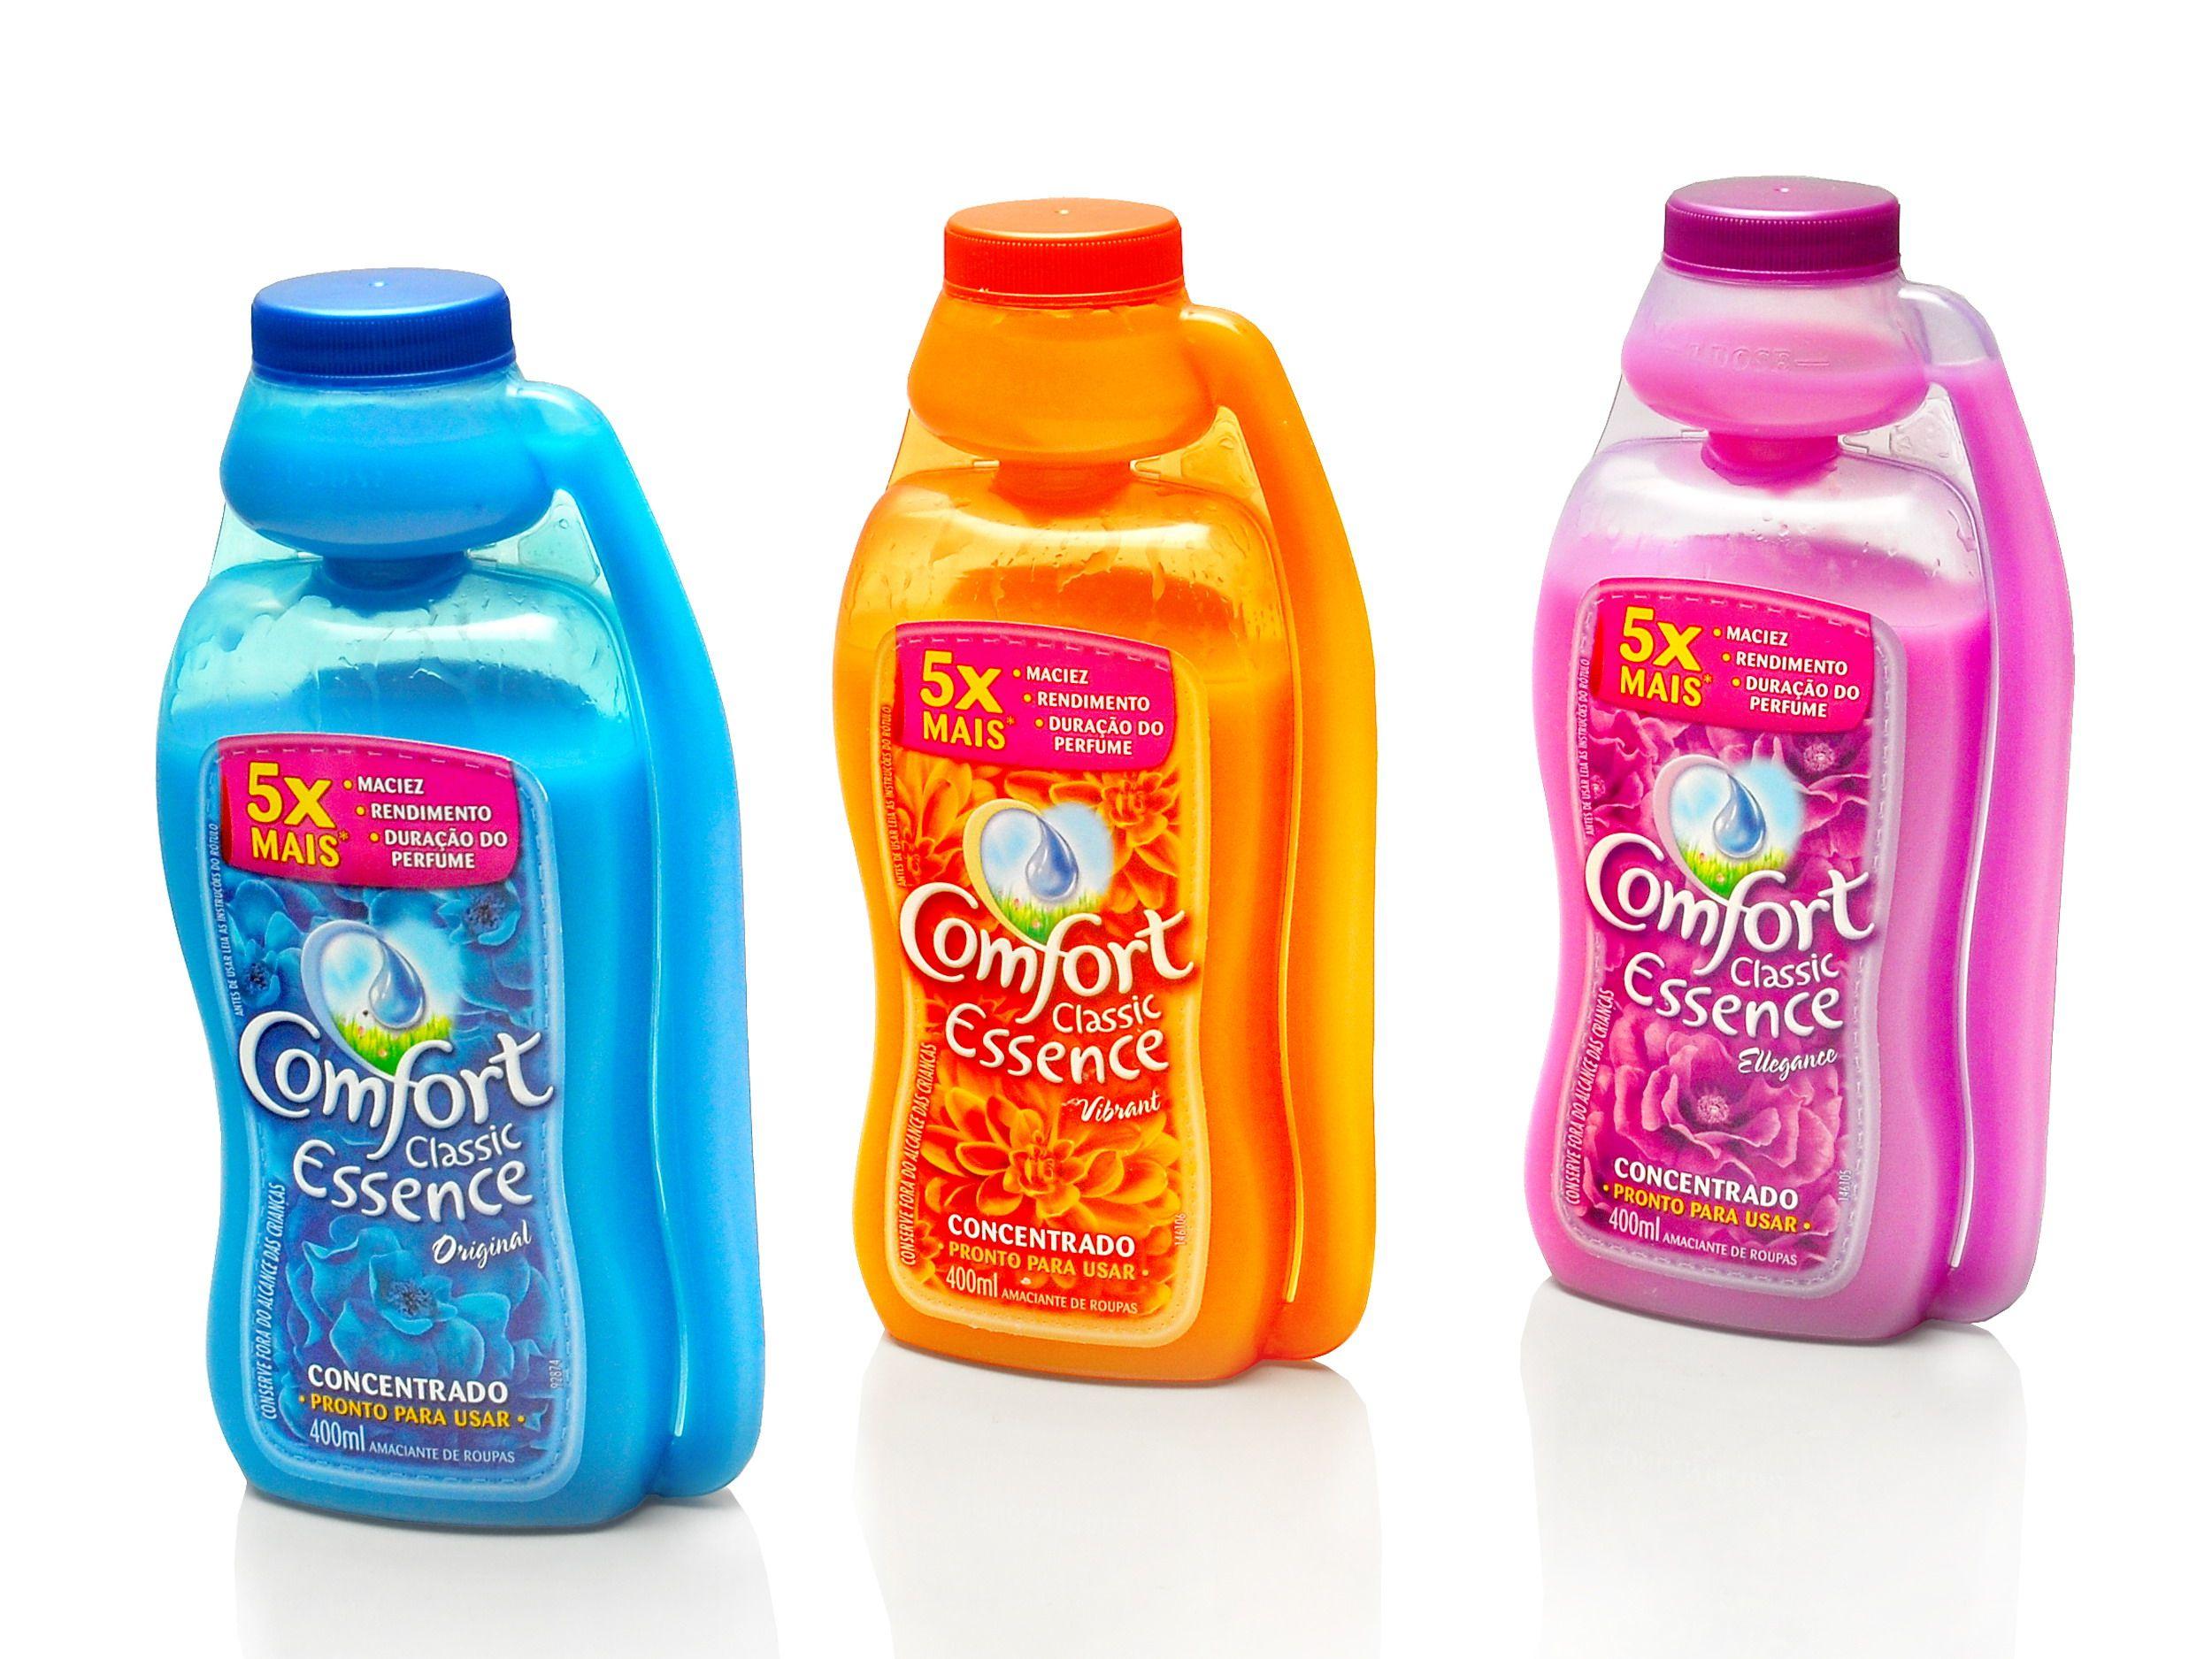 Comfort Laundry Detergent Brazil Produtos De Limpeza Limpeza